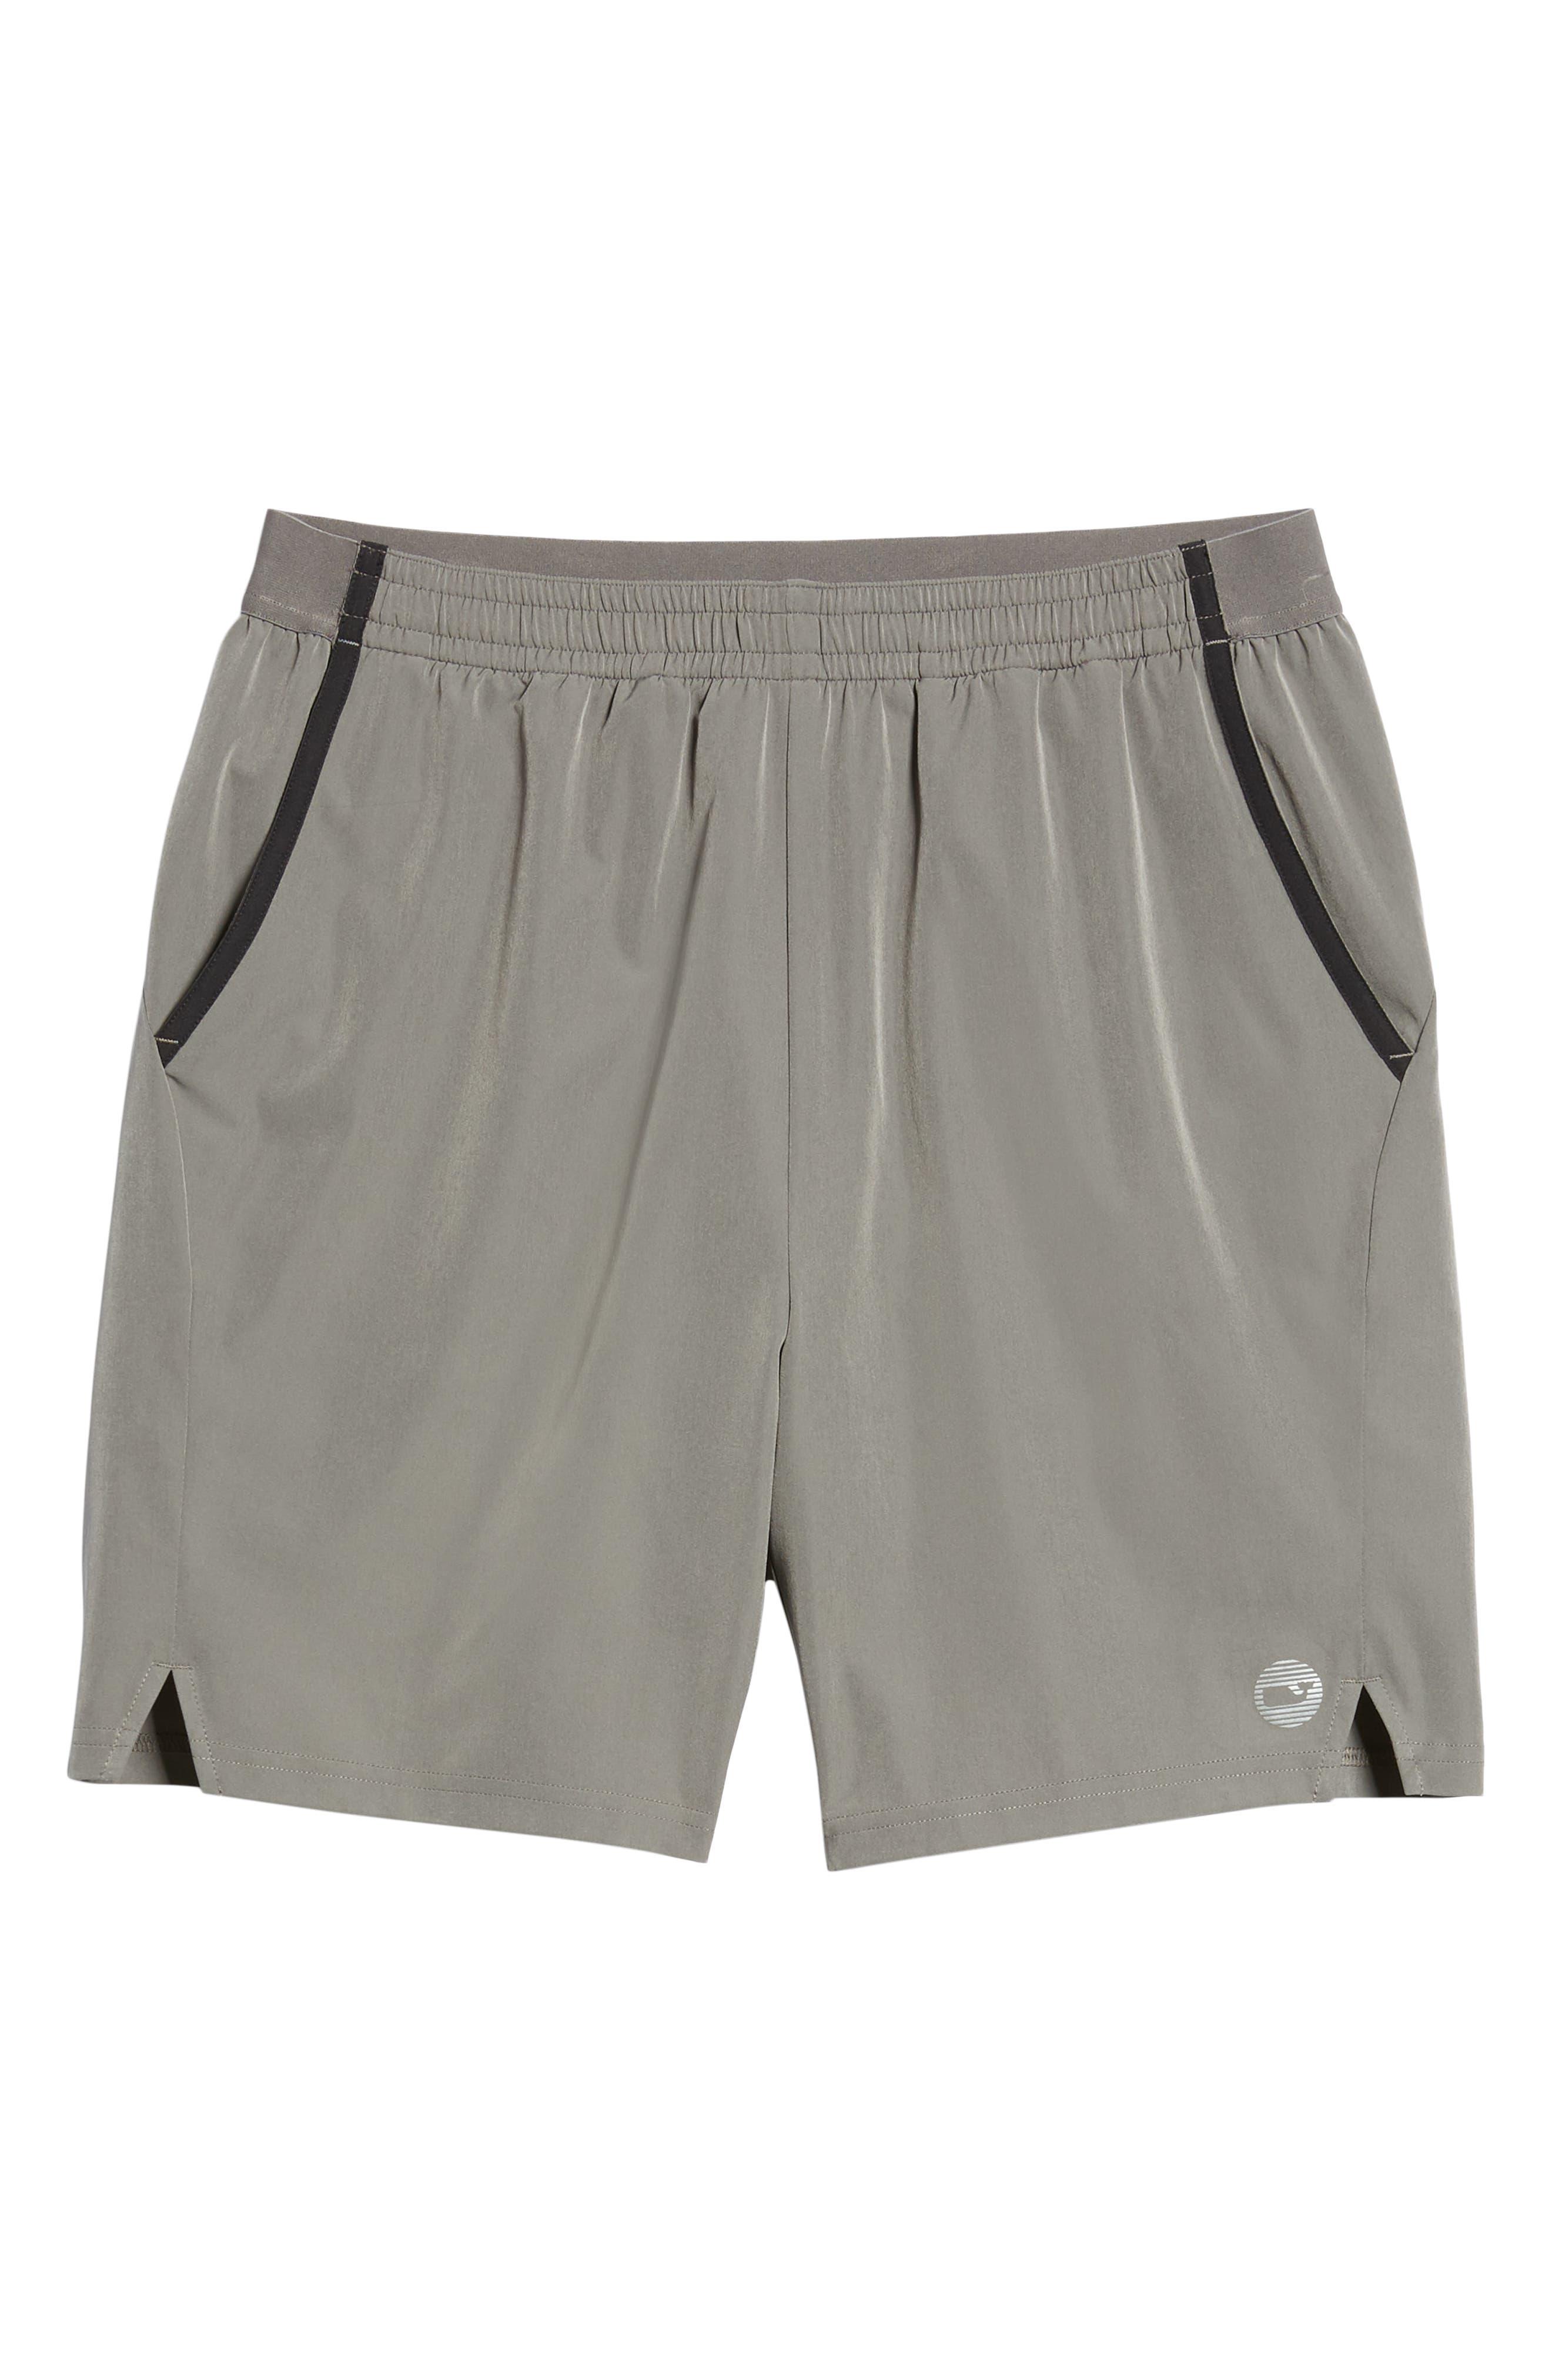 Active Tennis Shorts,                             Alternate thumbnail 6, color,                             GRAPHITE